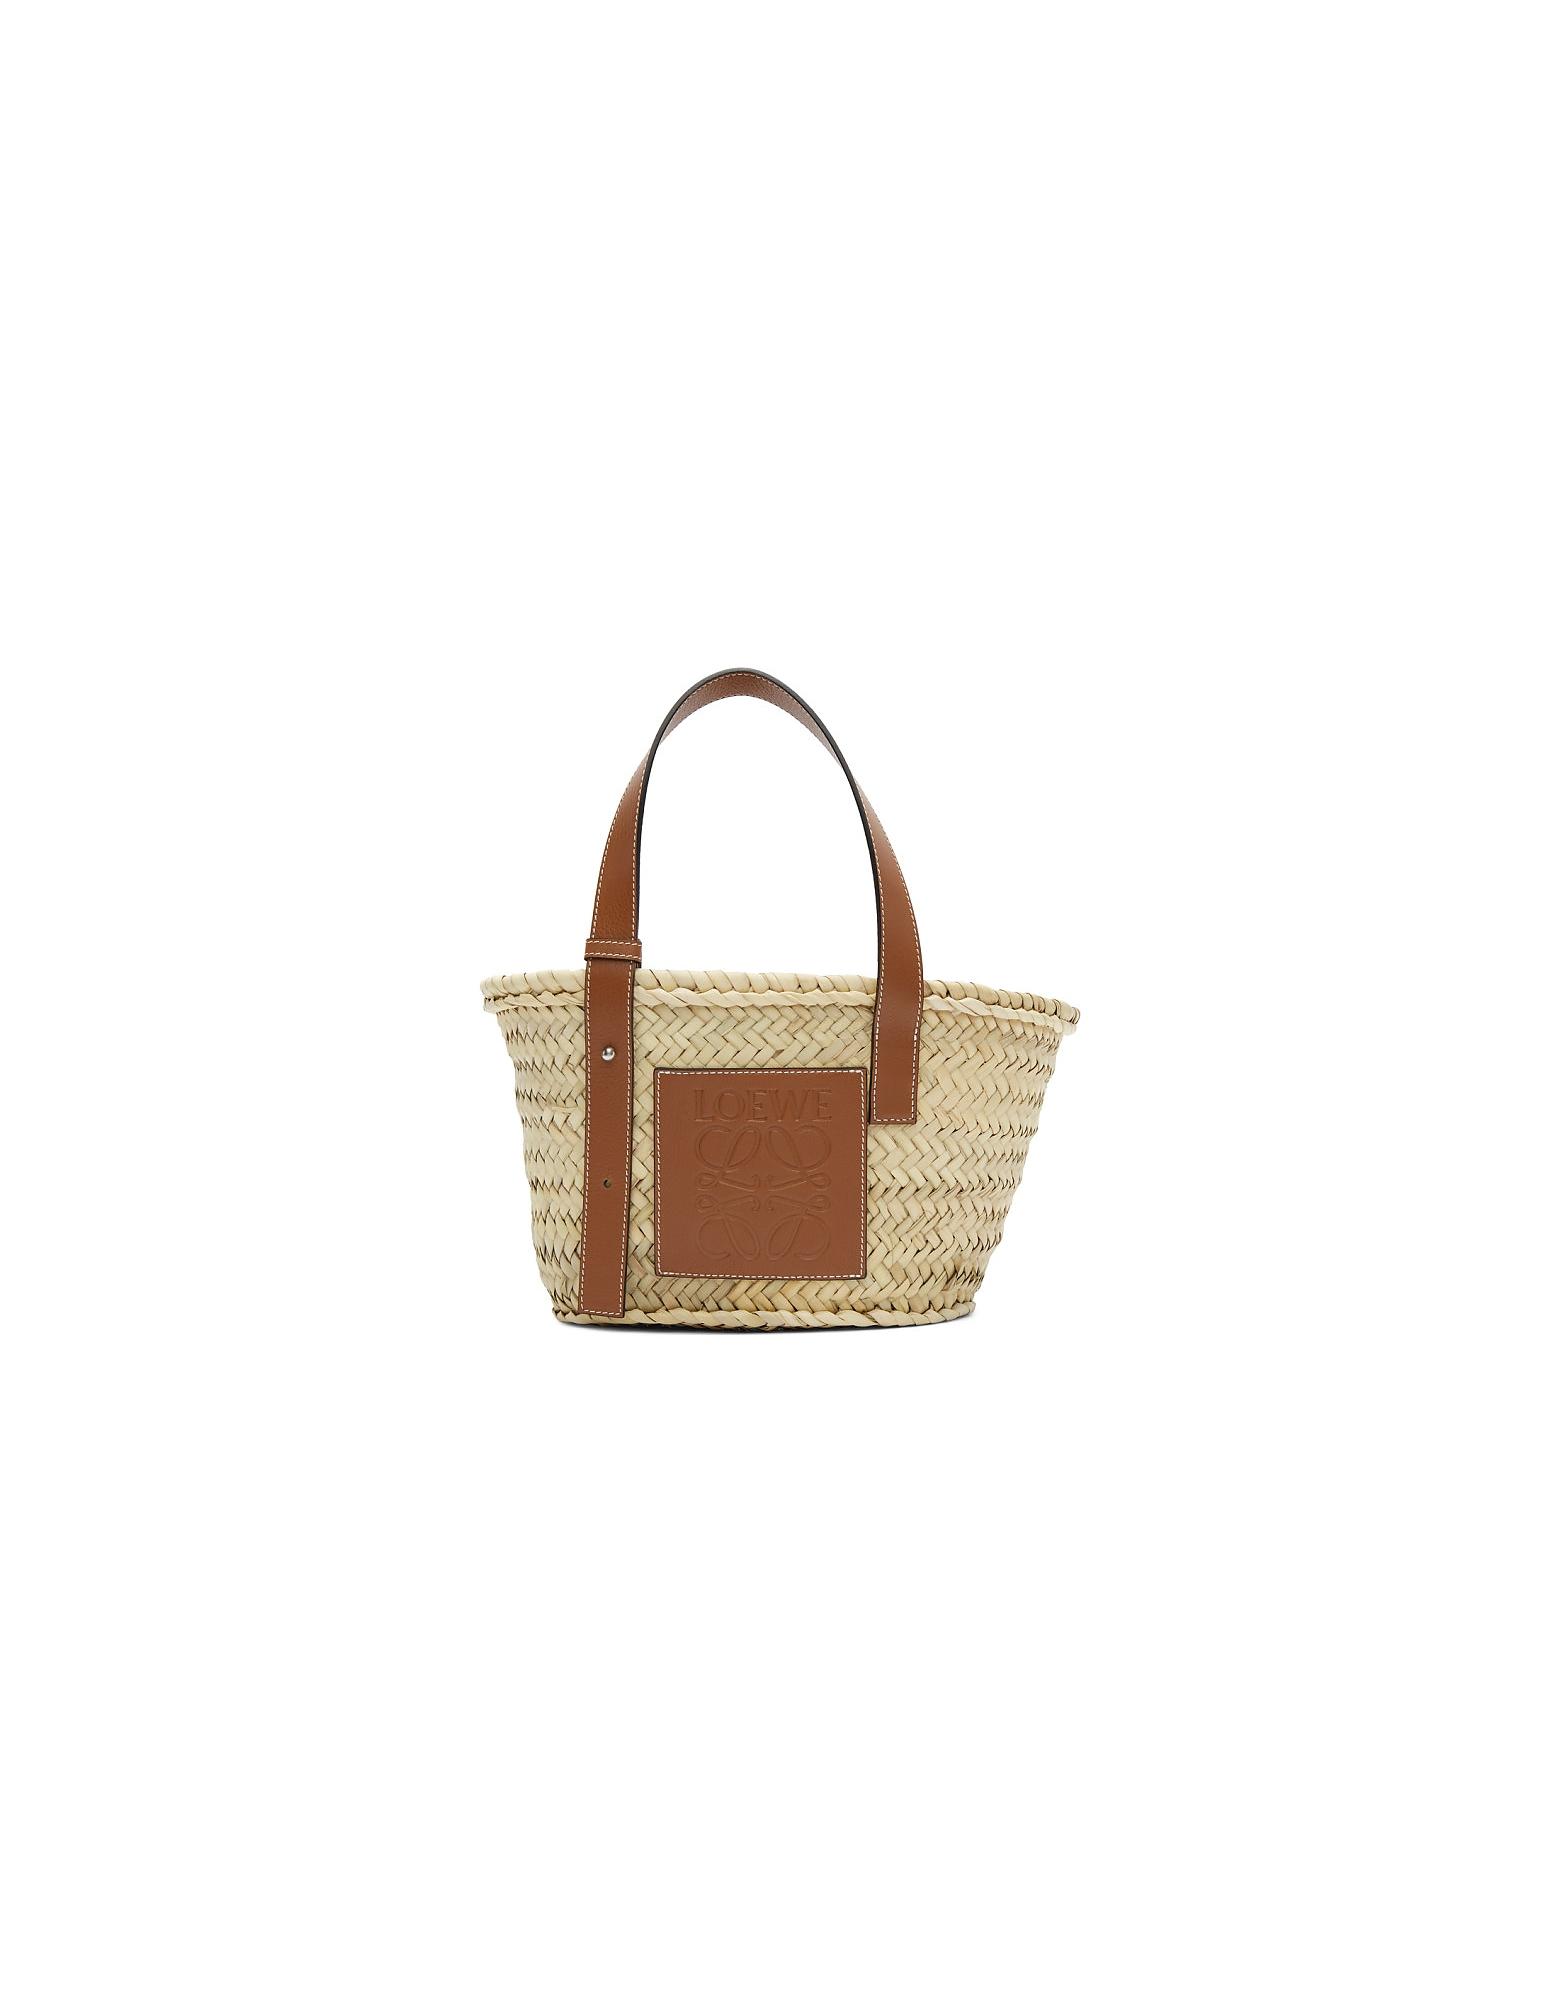 Loewe Designer Handbags, Beige Small Basket Tote